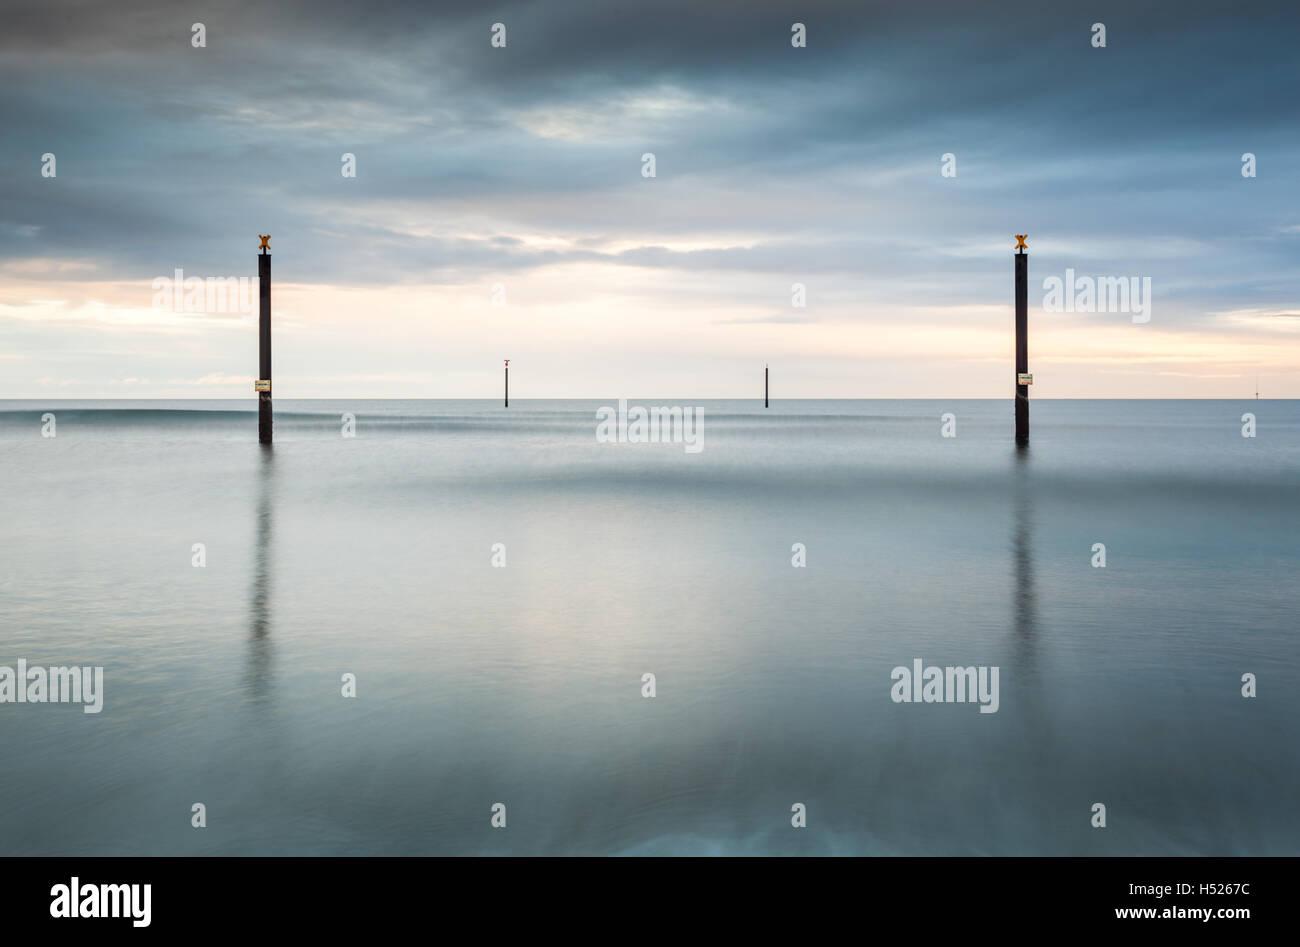 Guide de navigation posts en mer en Mer du Nord au large de la côte de Northumberland, une longue exposition sur l'image Banque D'Images